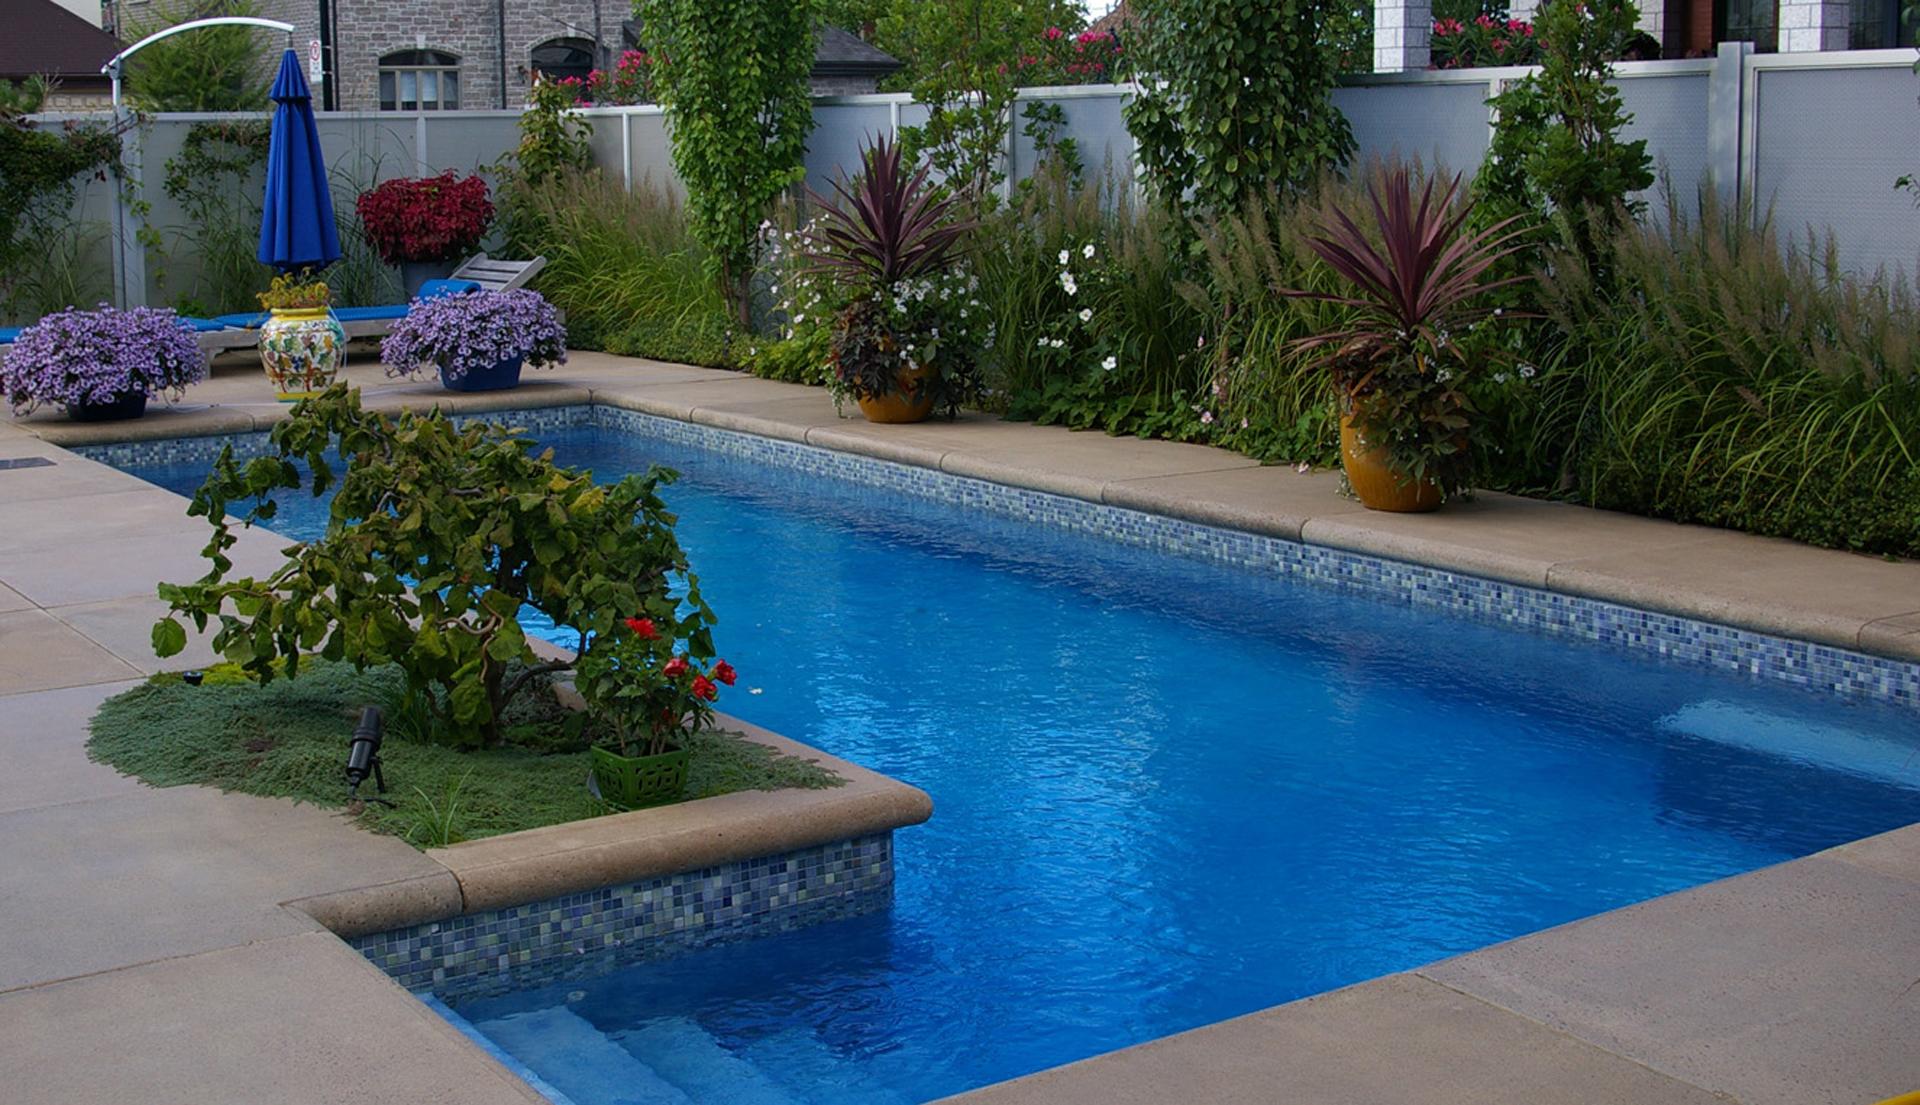 piscine intégration dalle de béton 24 * 24